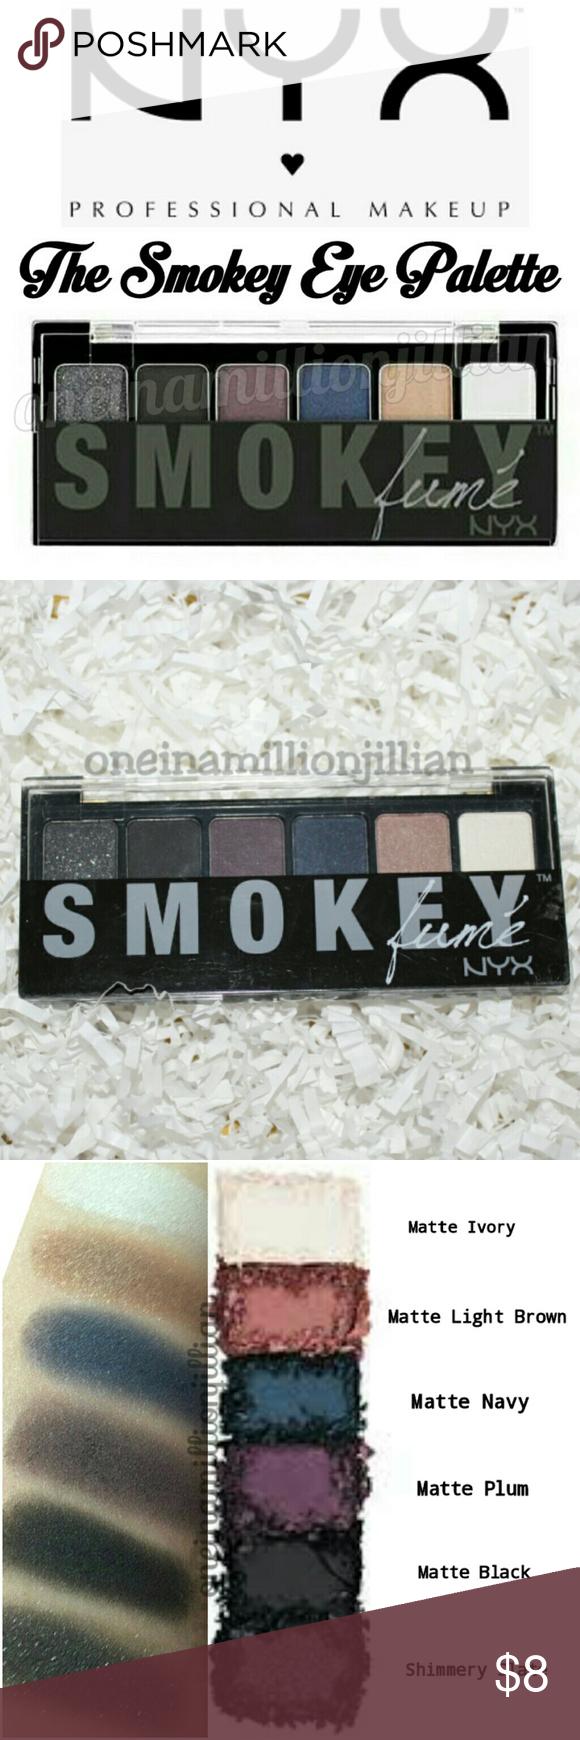 NYX The Smokey Eyeshadow Palette Boutique Smokey